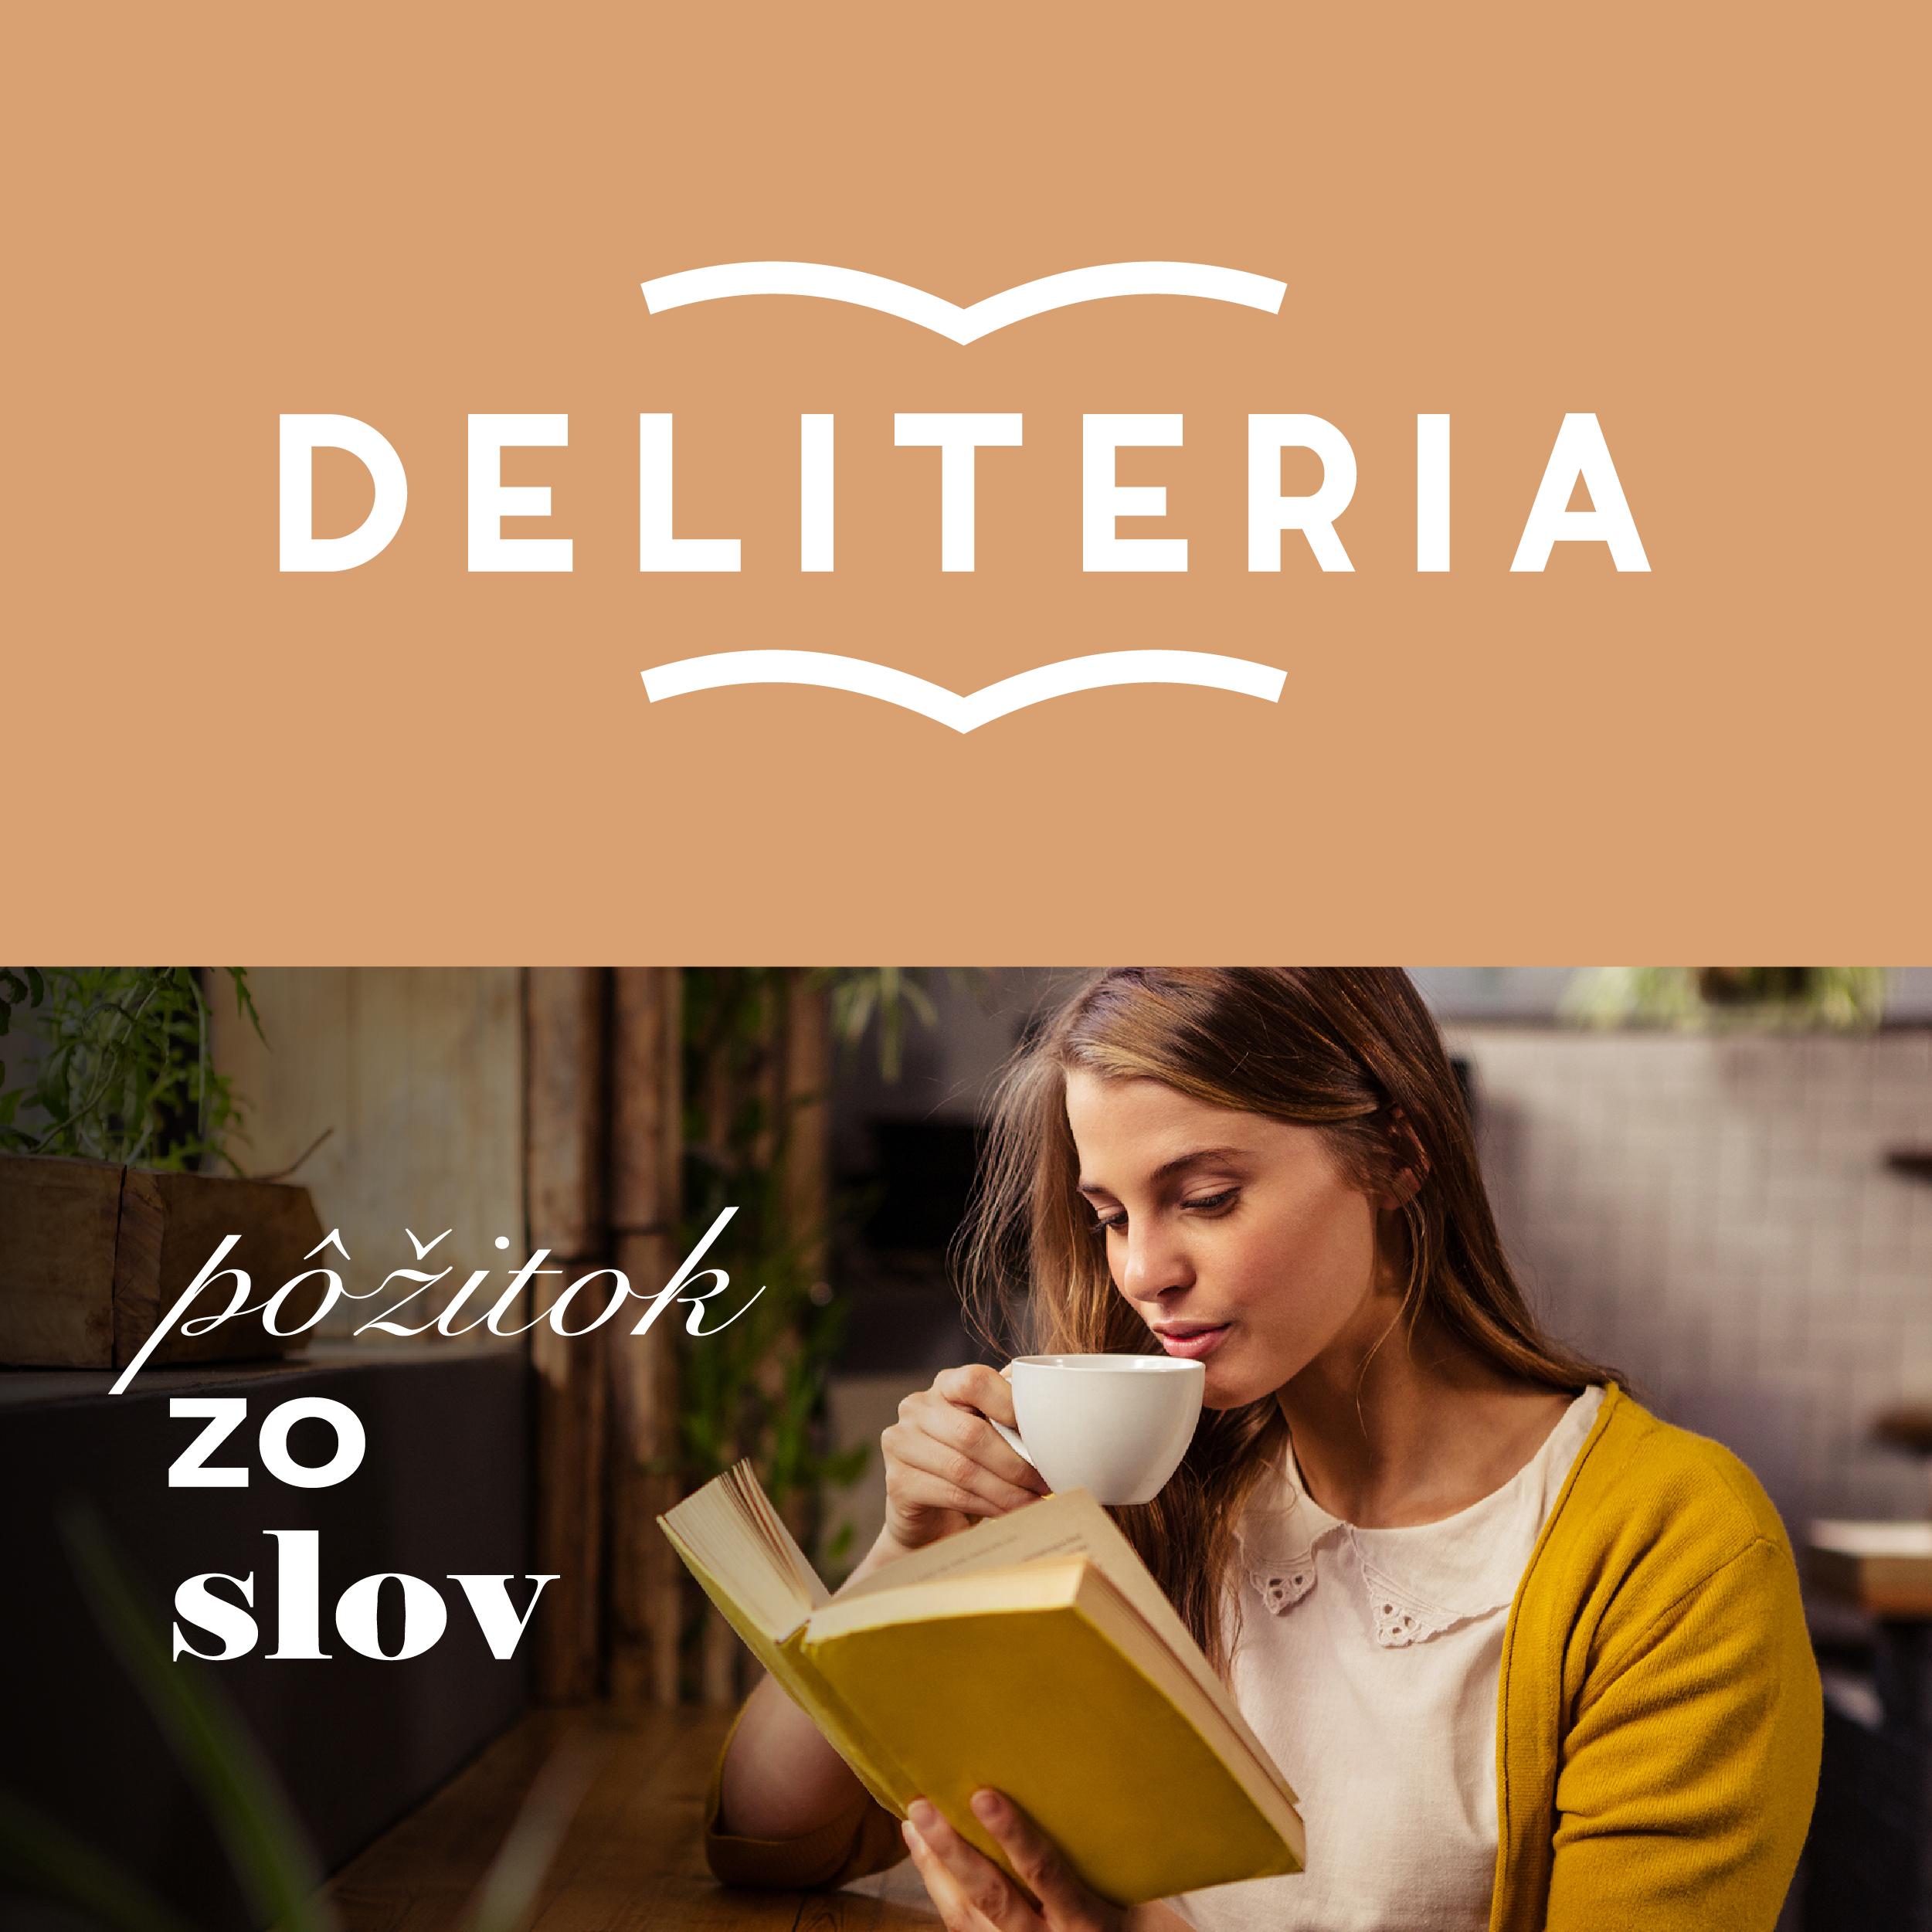 Brand Deliteria